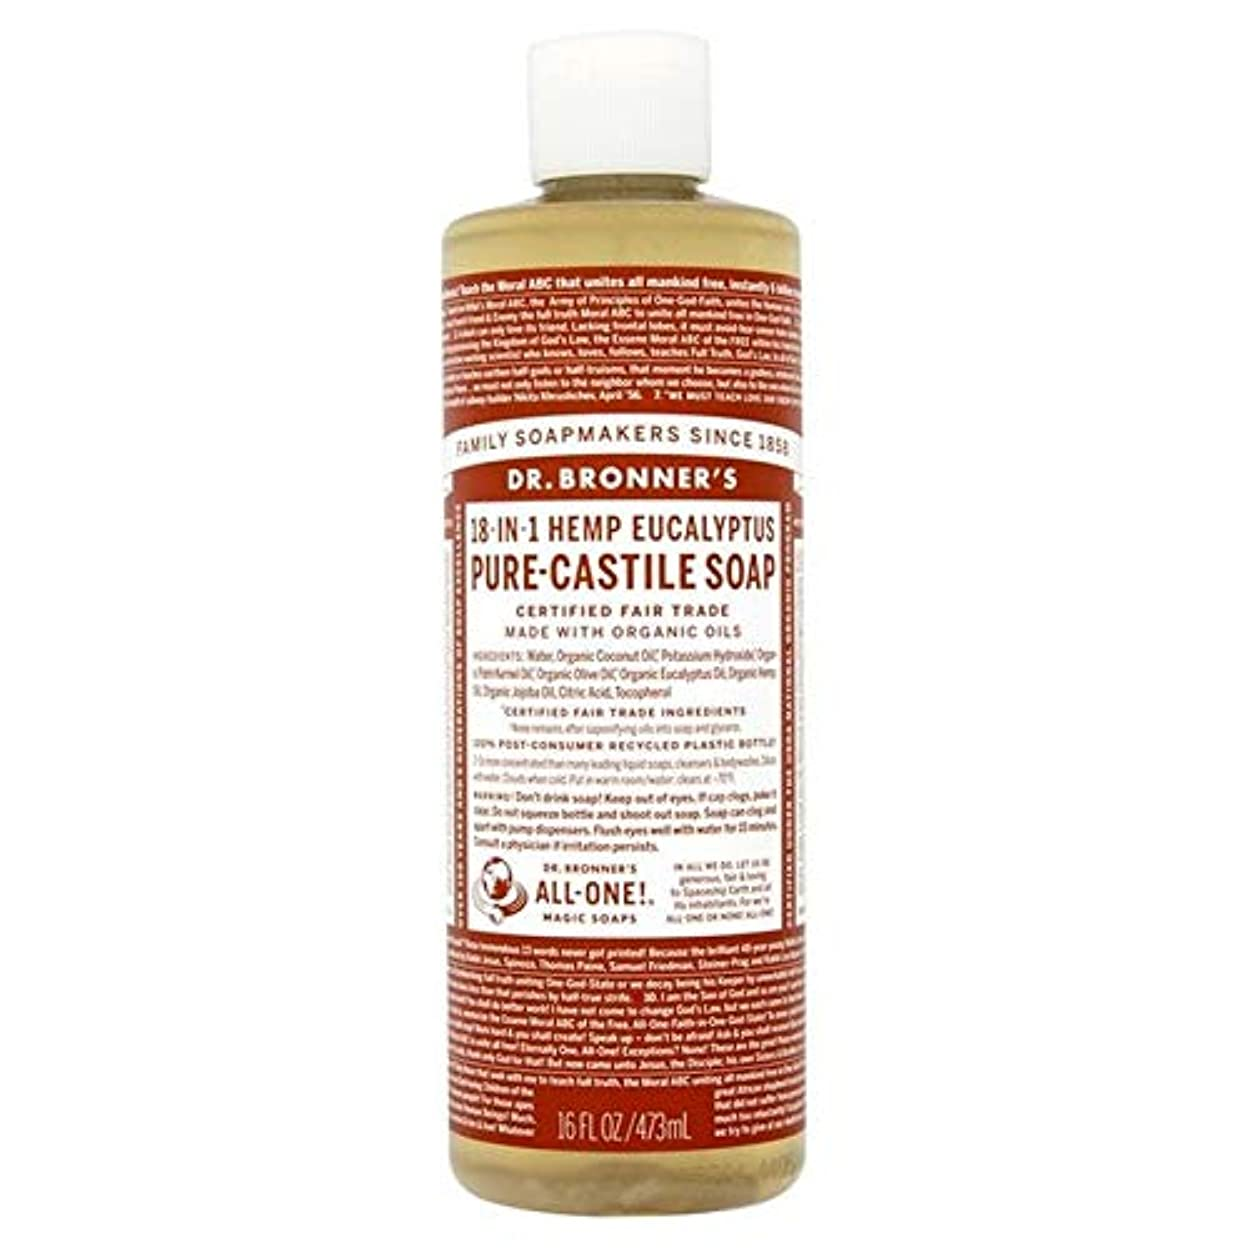 主張する自動肩をすくめる[Dr Bronner] Dr。ブロナーズ有機ユーカリの純粋な-カスティーリャ液体石鹸473ミリリットル - Dr. Bronner's Organic Eucalyptus Pure-Castille Liquid Soap...